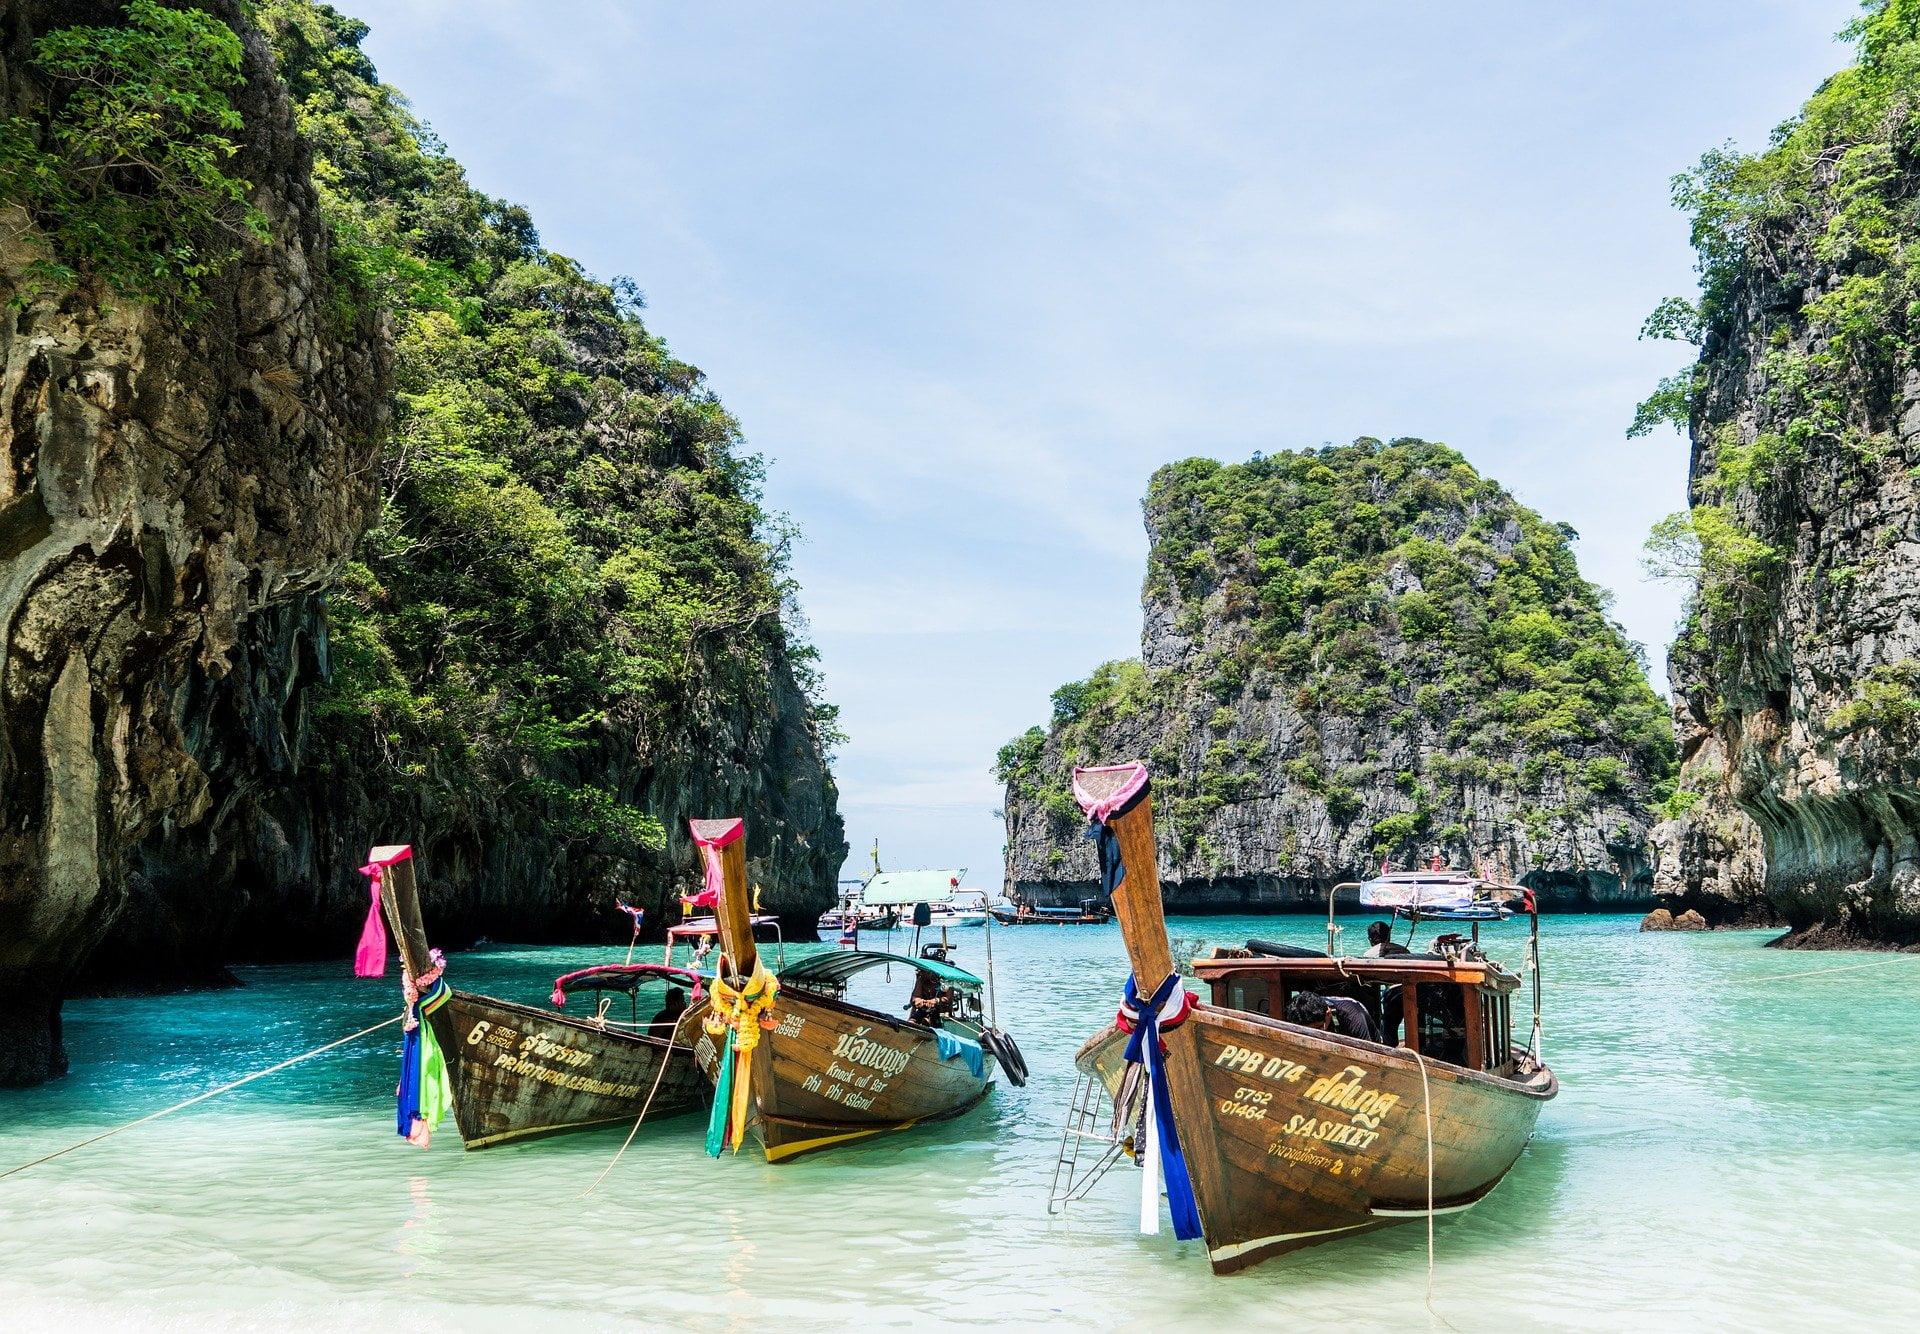 THAILANDA - PHUKET - EXCURSII, DISTRACTIE SI PLAJA